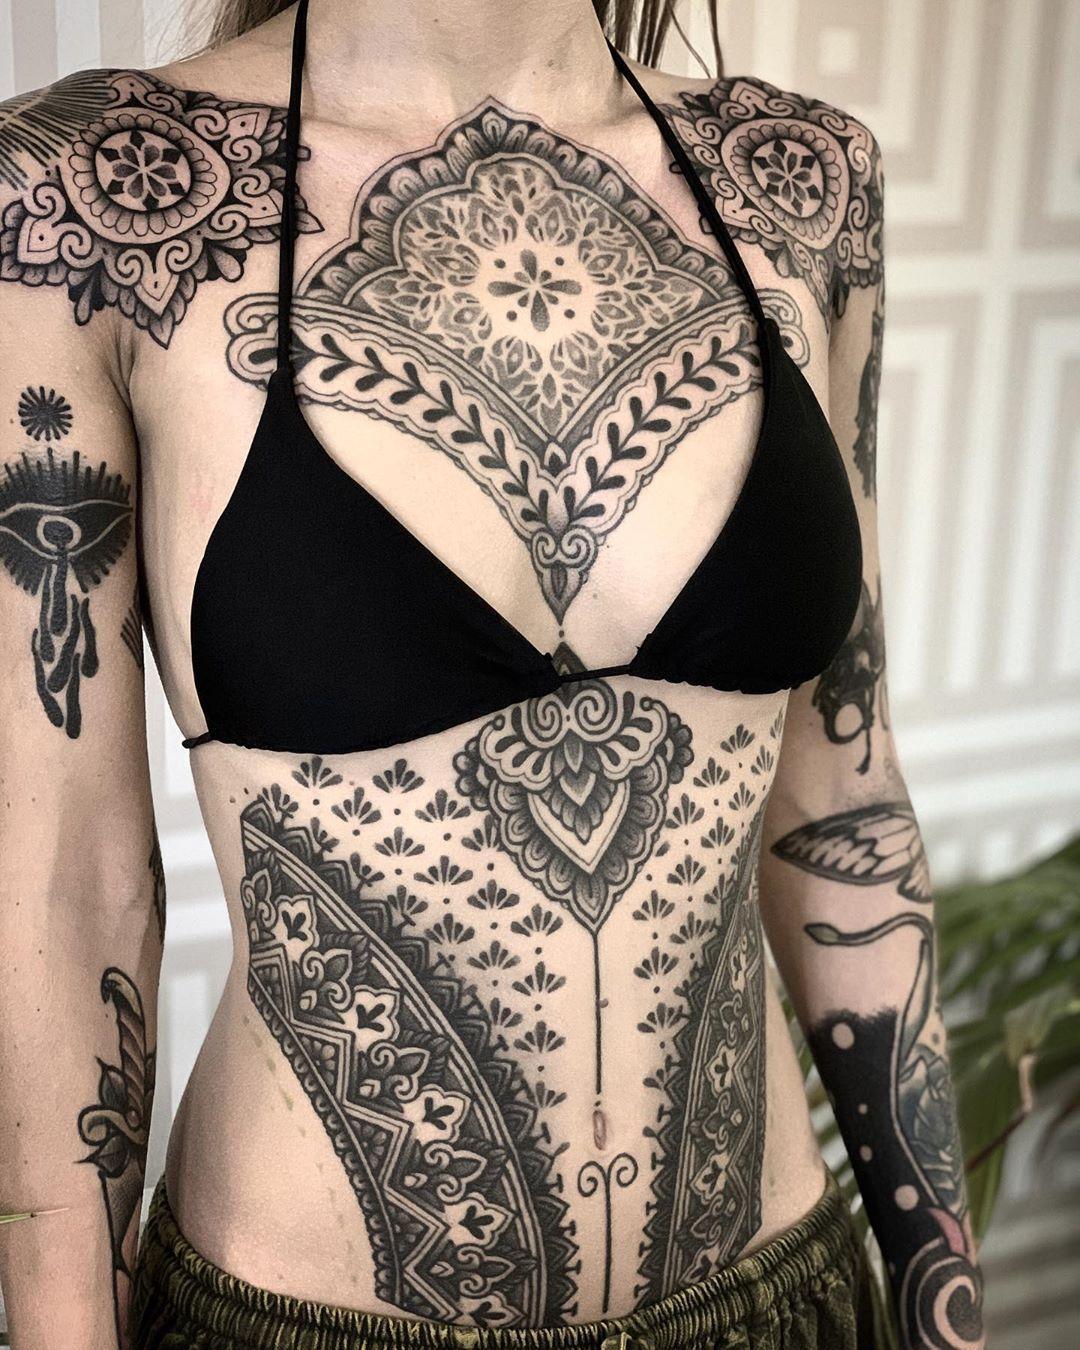 Ornamental tattoo artist Jack Peppiette